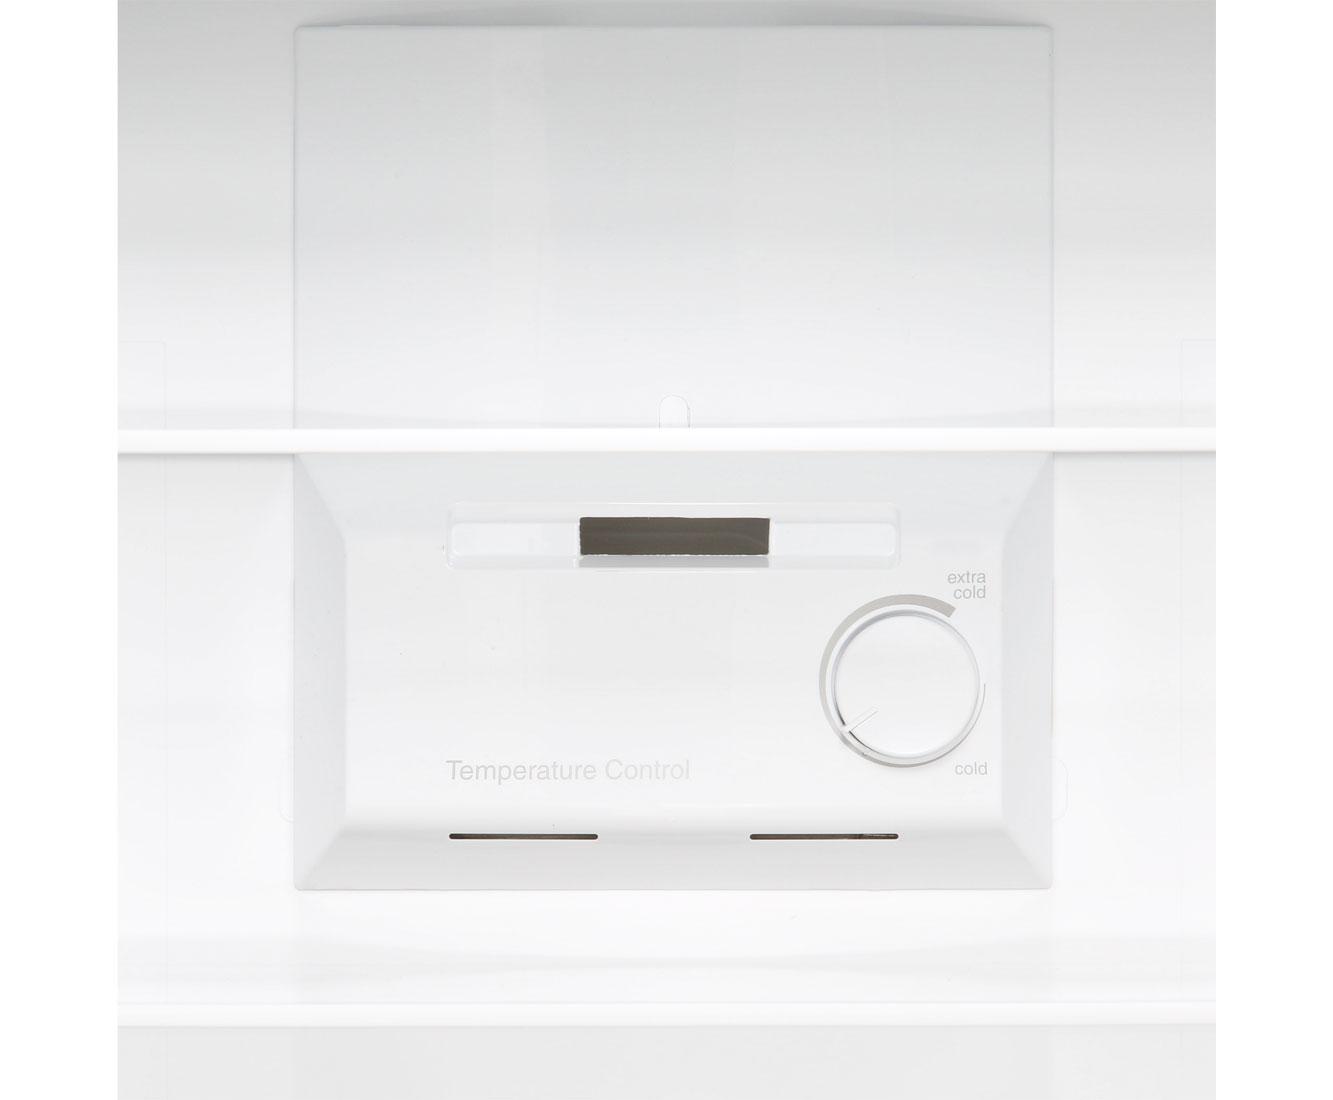 Siemens Kühlschrank Kälte Einstellen : Siemens kühlschrank temperatur einstellen super siemens iq kg nnl